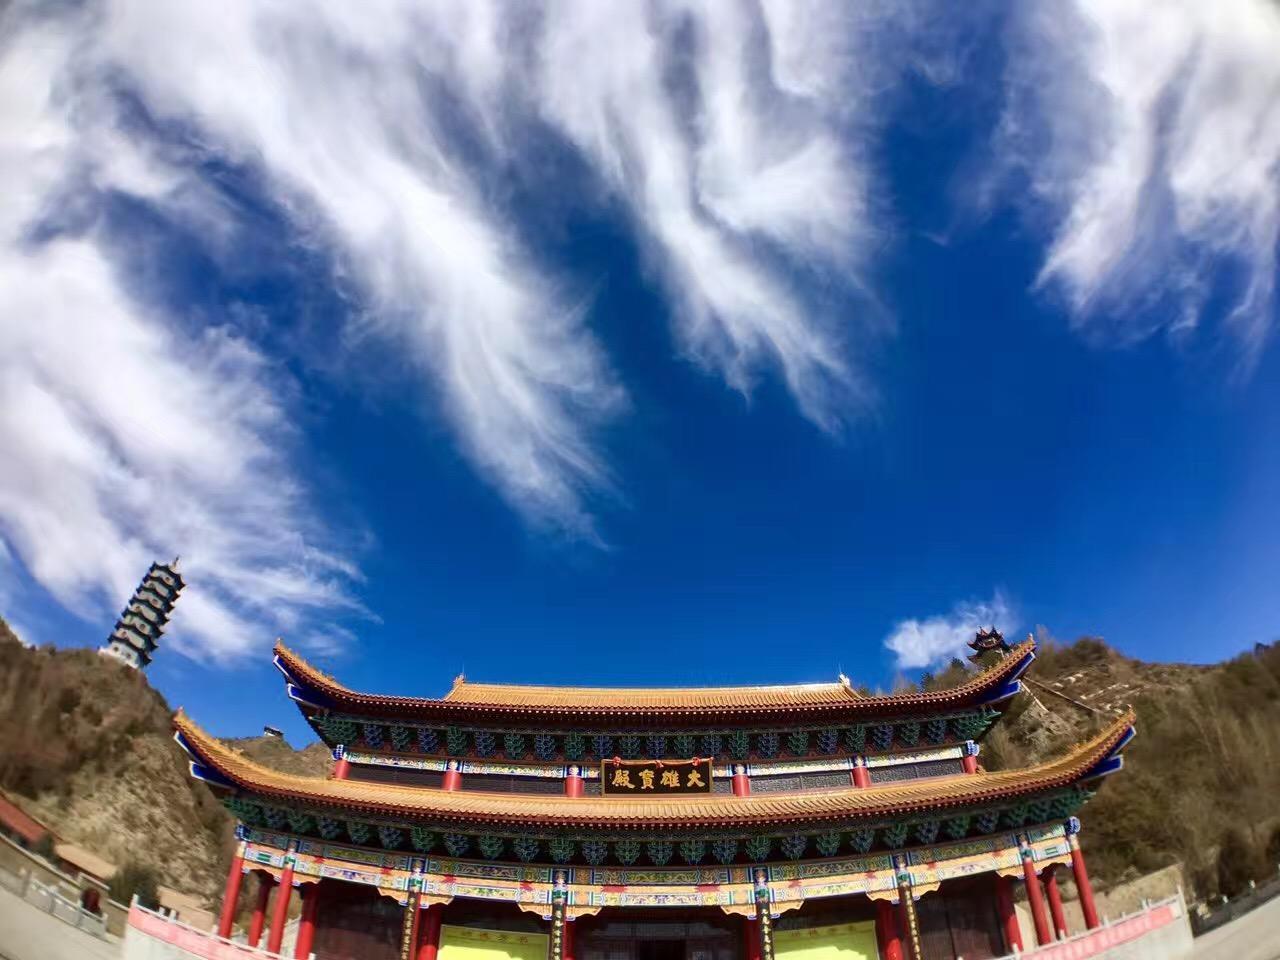 甘肃永昌大觉寺追思常信老和尚法会通启